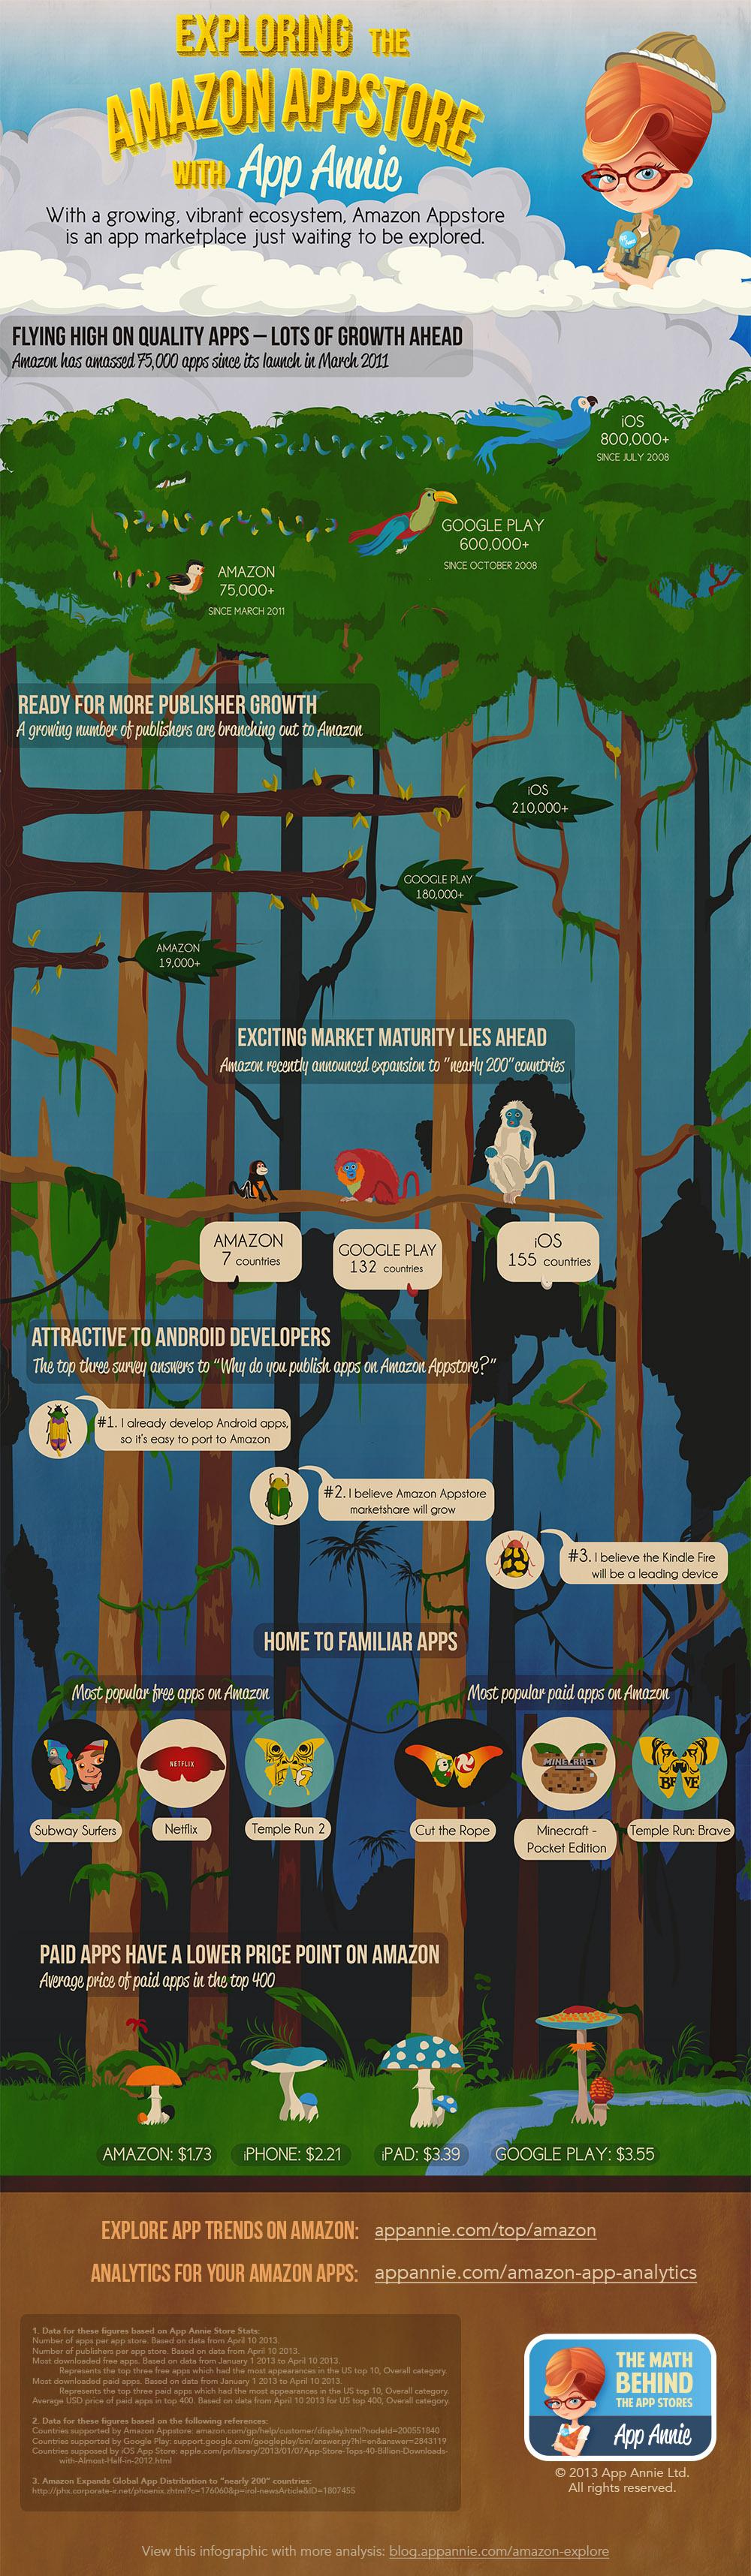 amazon appstore infographic